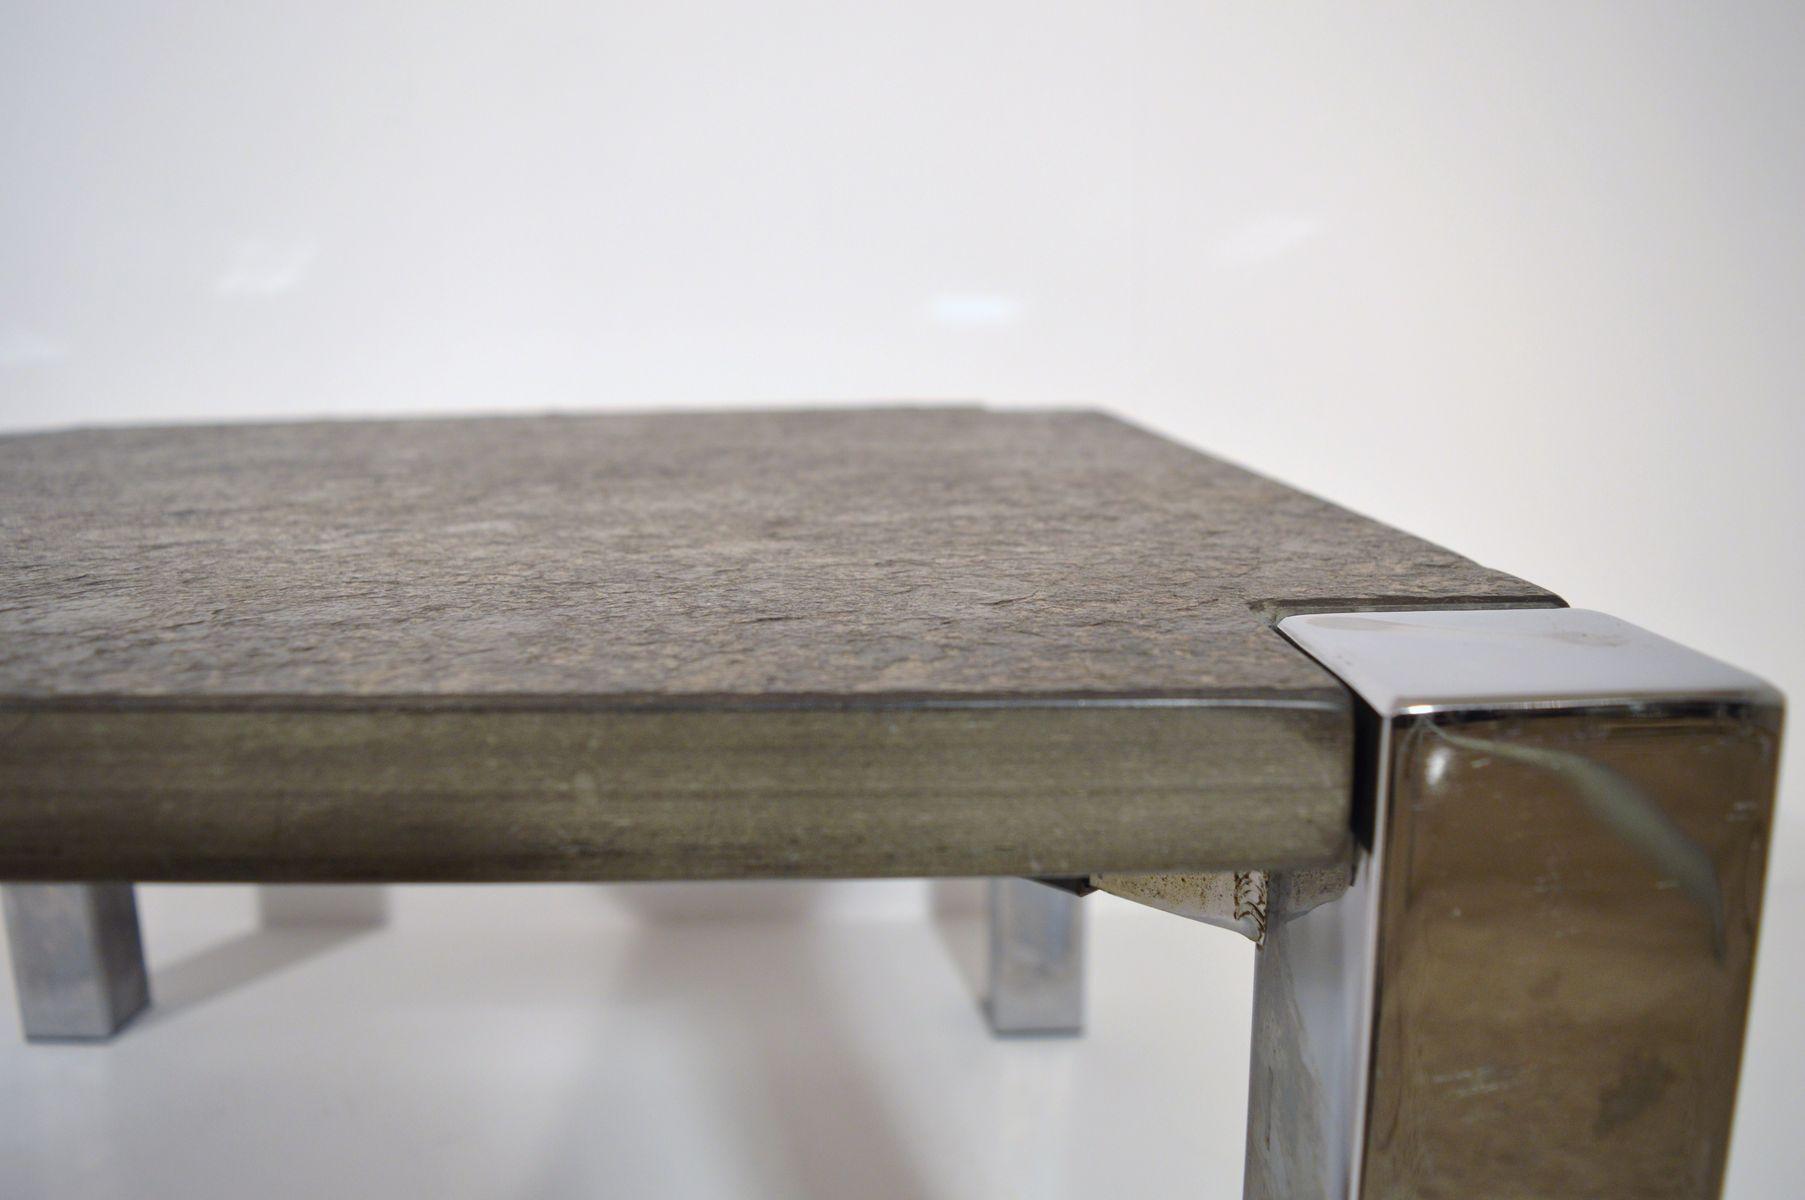 deutscher mid century schiefer couchtisch 1960er. Black Bedroom Furniture Sets. Home Design Ideas